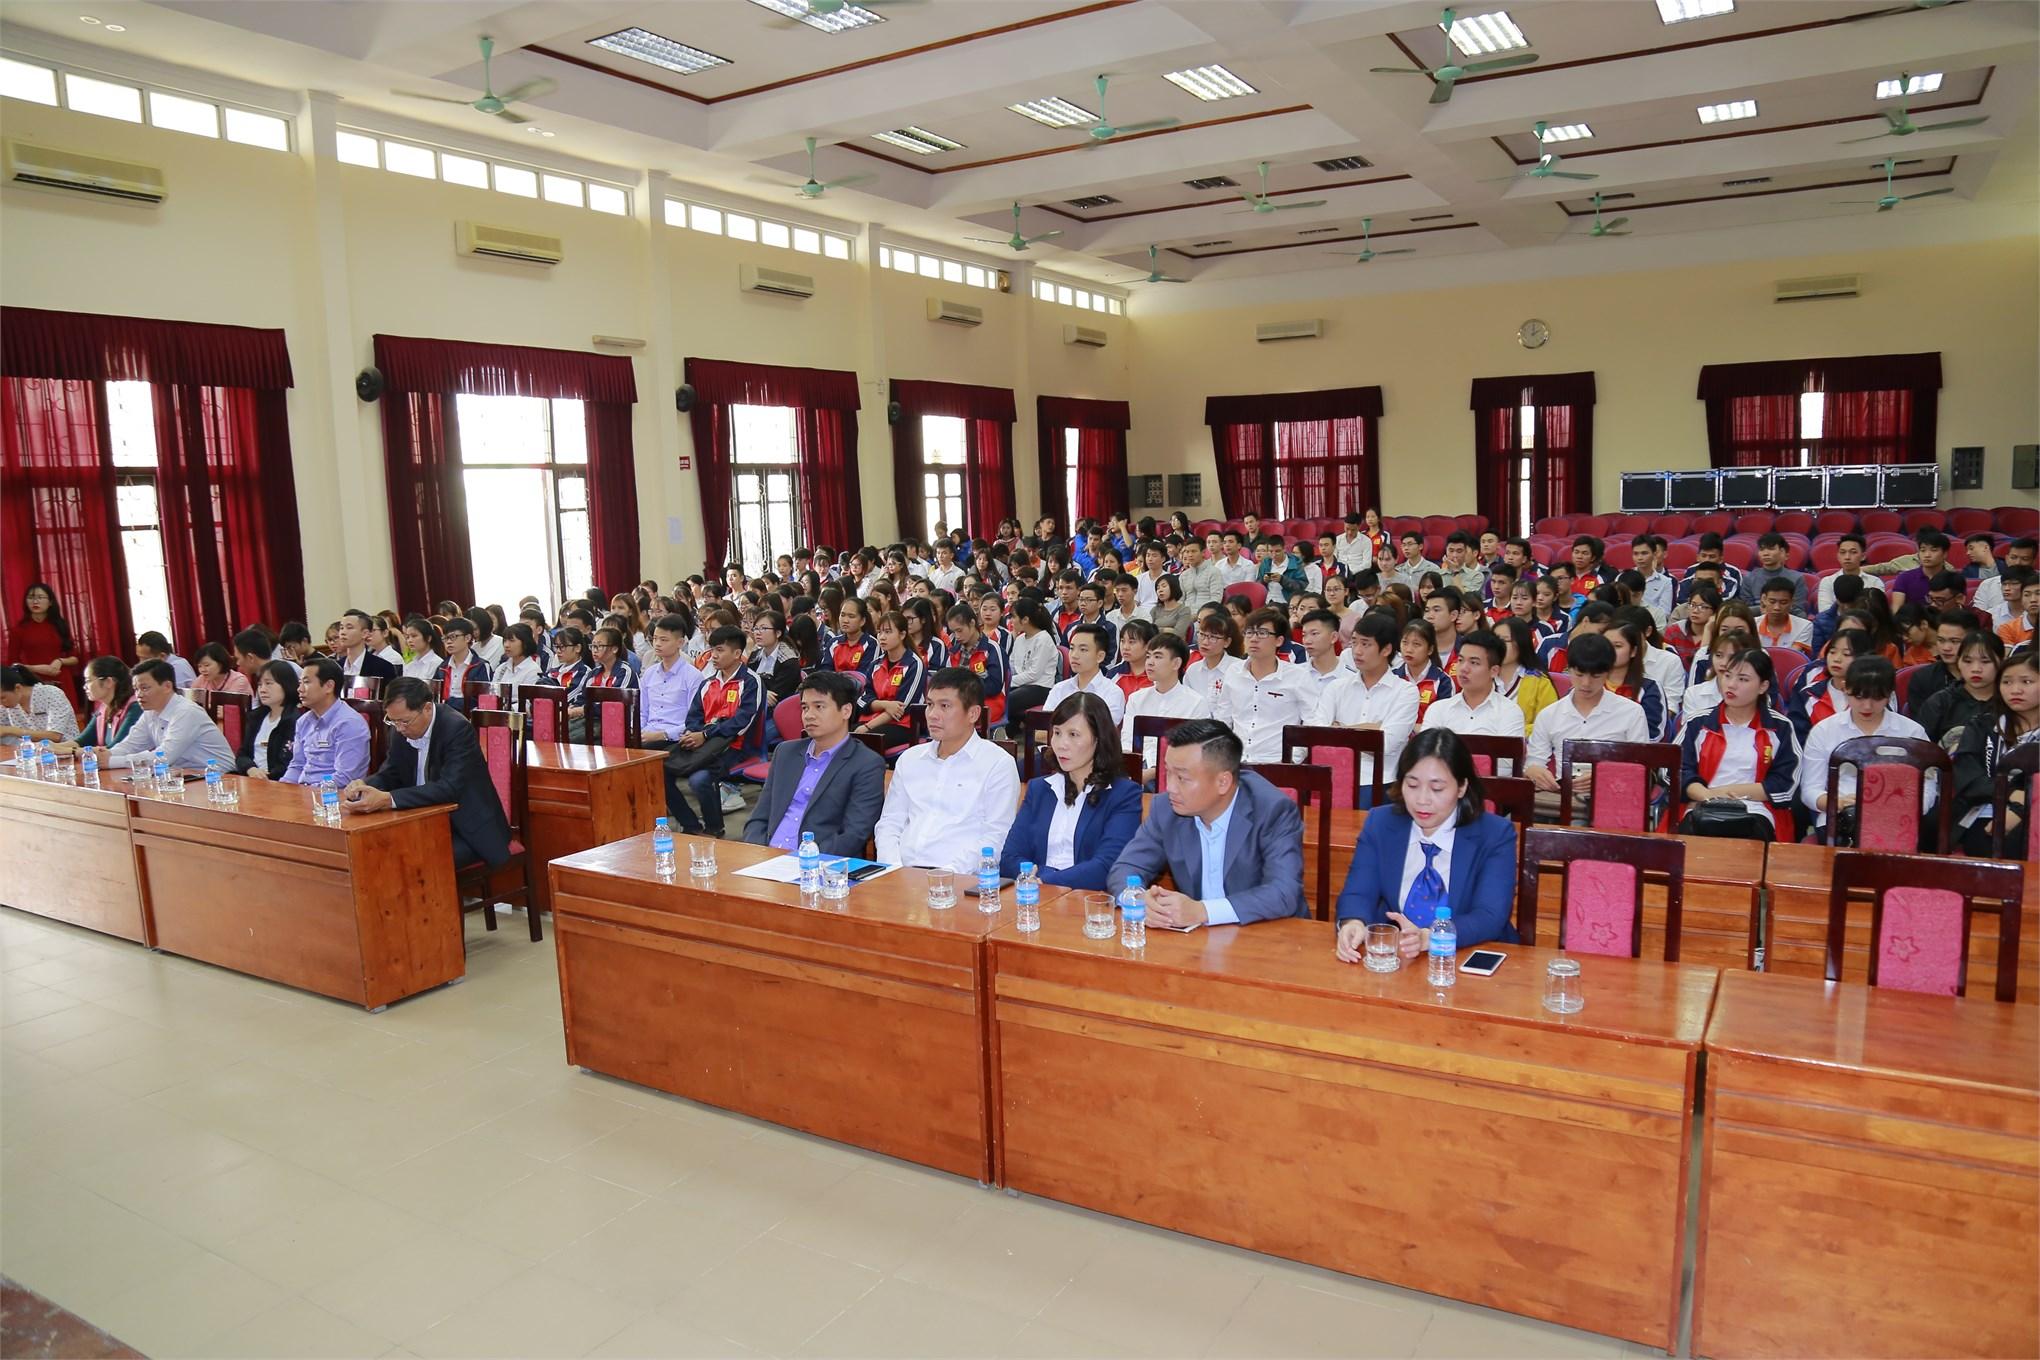 Tổng kết hoạt động và trao học bổng Quỹ khuyến học `Nguyễn Thanh Bình` năm học 2017-2018